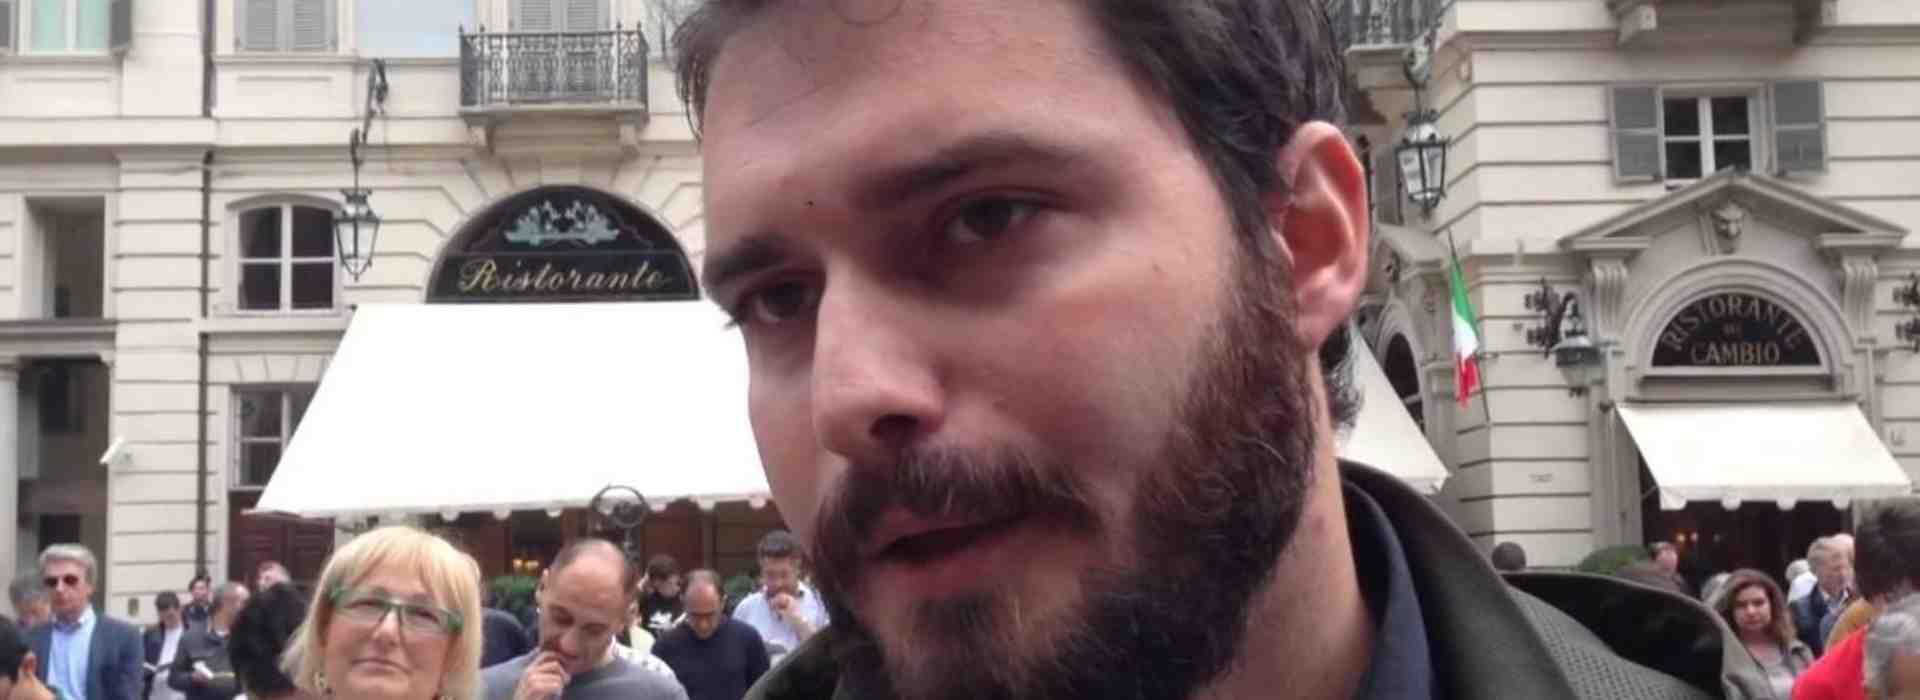 In Piemonte FdI punta su Maurizio Marrone, l'uomo che ha difeso Priebke